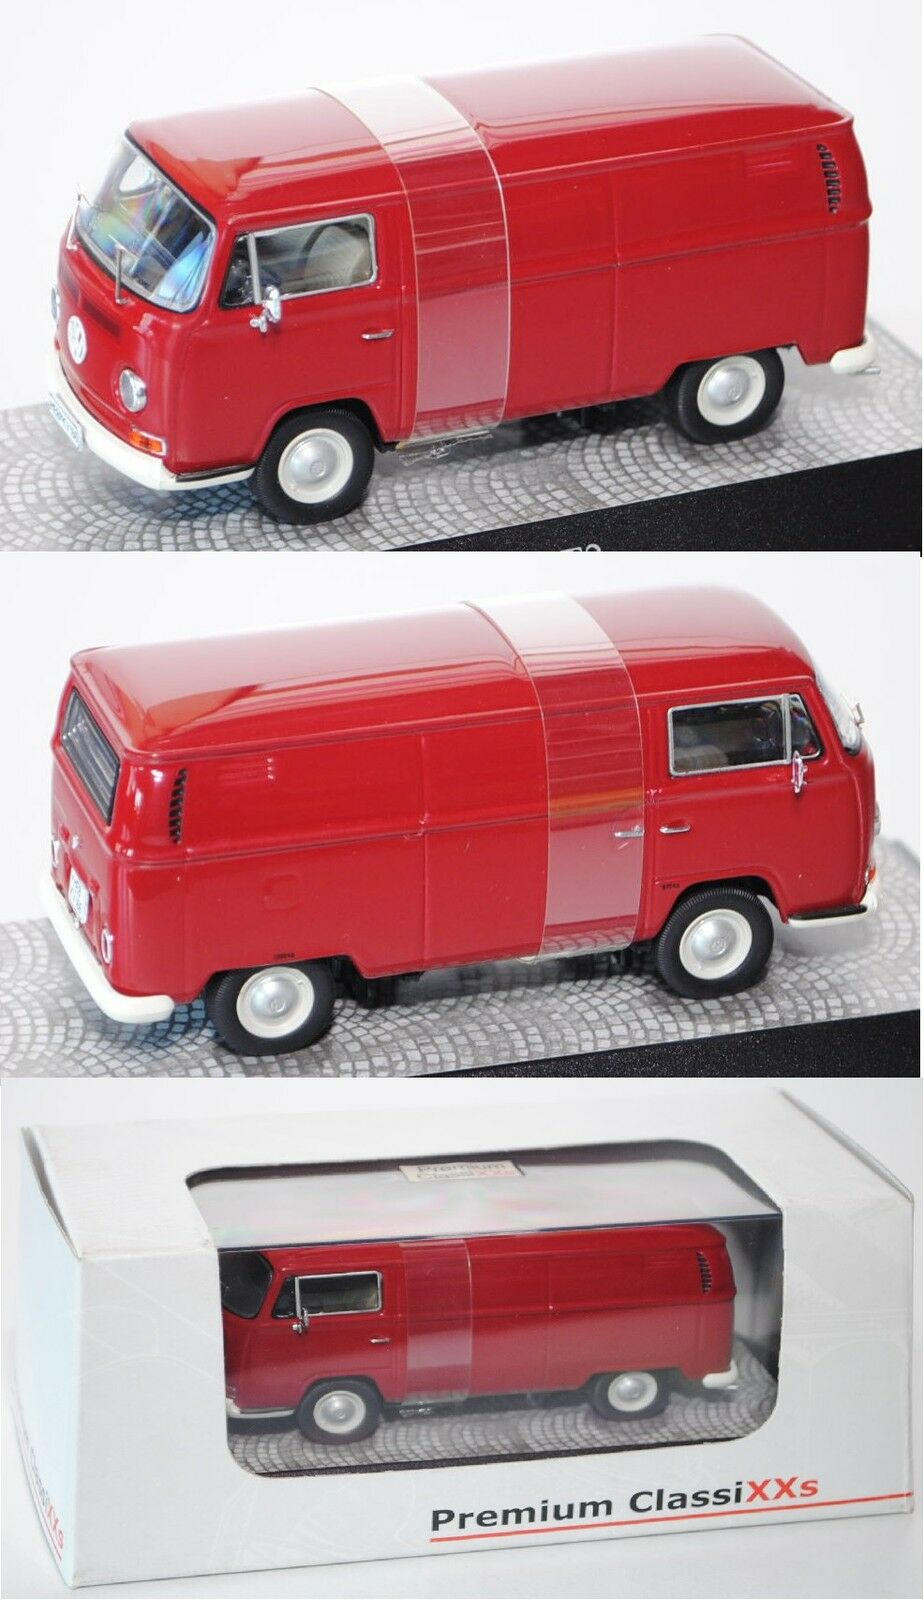 Premium ClassiXXs ClassiXXs ClassiXXs 11251 VOLKSWAGEN transporteur camionnette (type t2a), 1:43, NEUF dans sa boîte | Fabrication Habile  ce133a